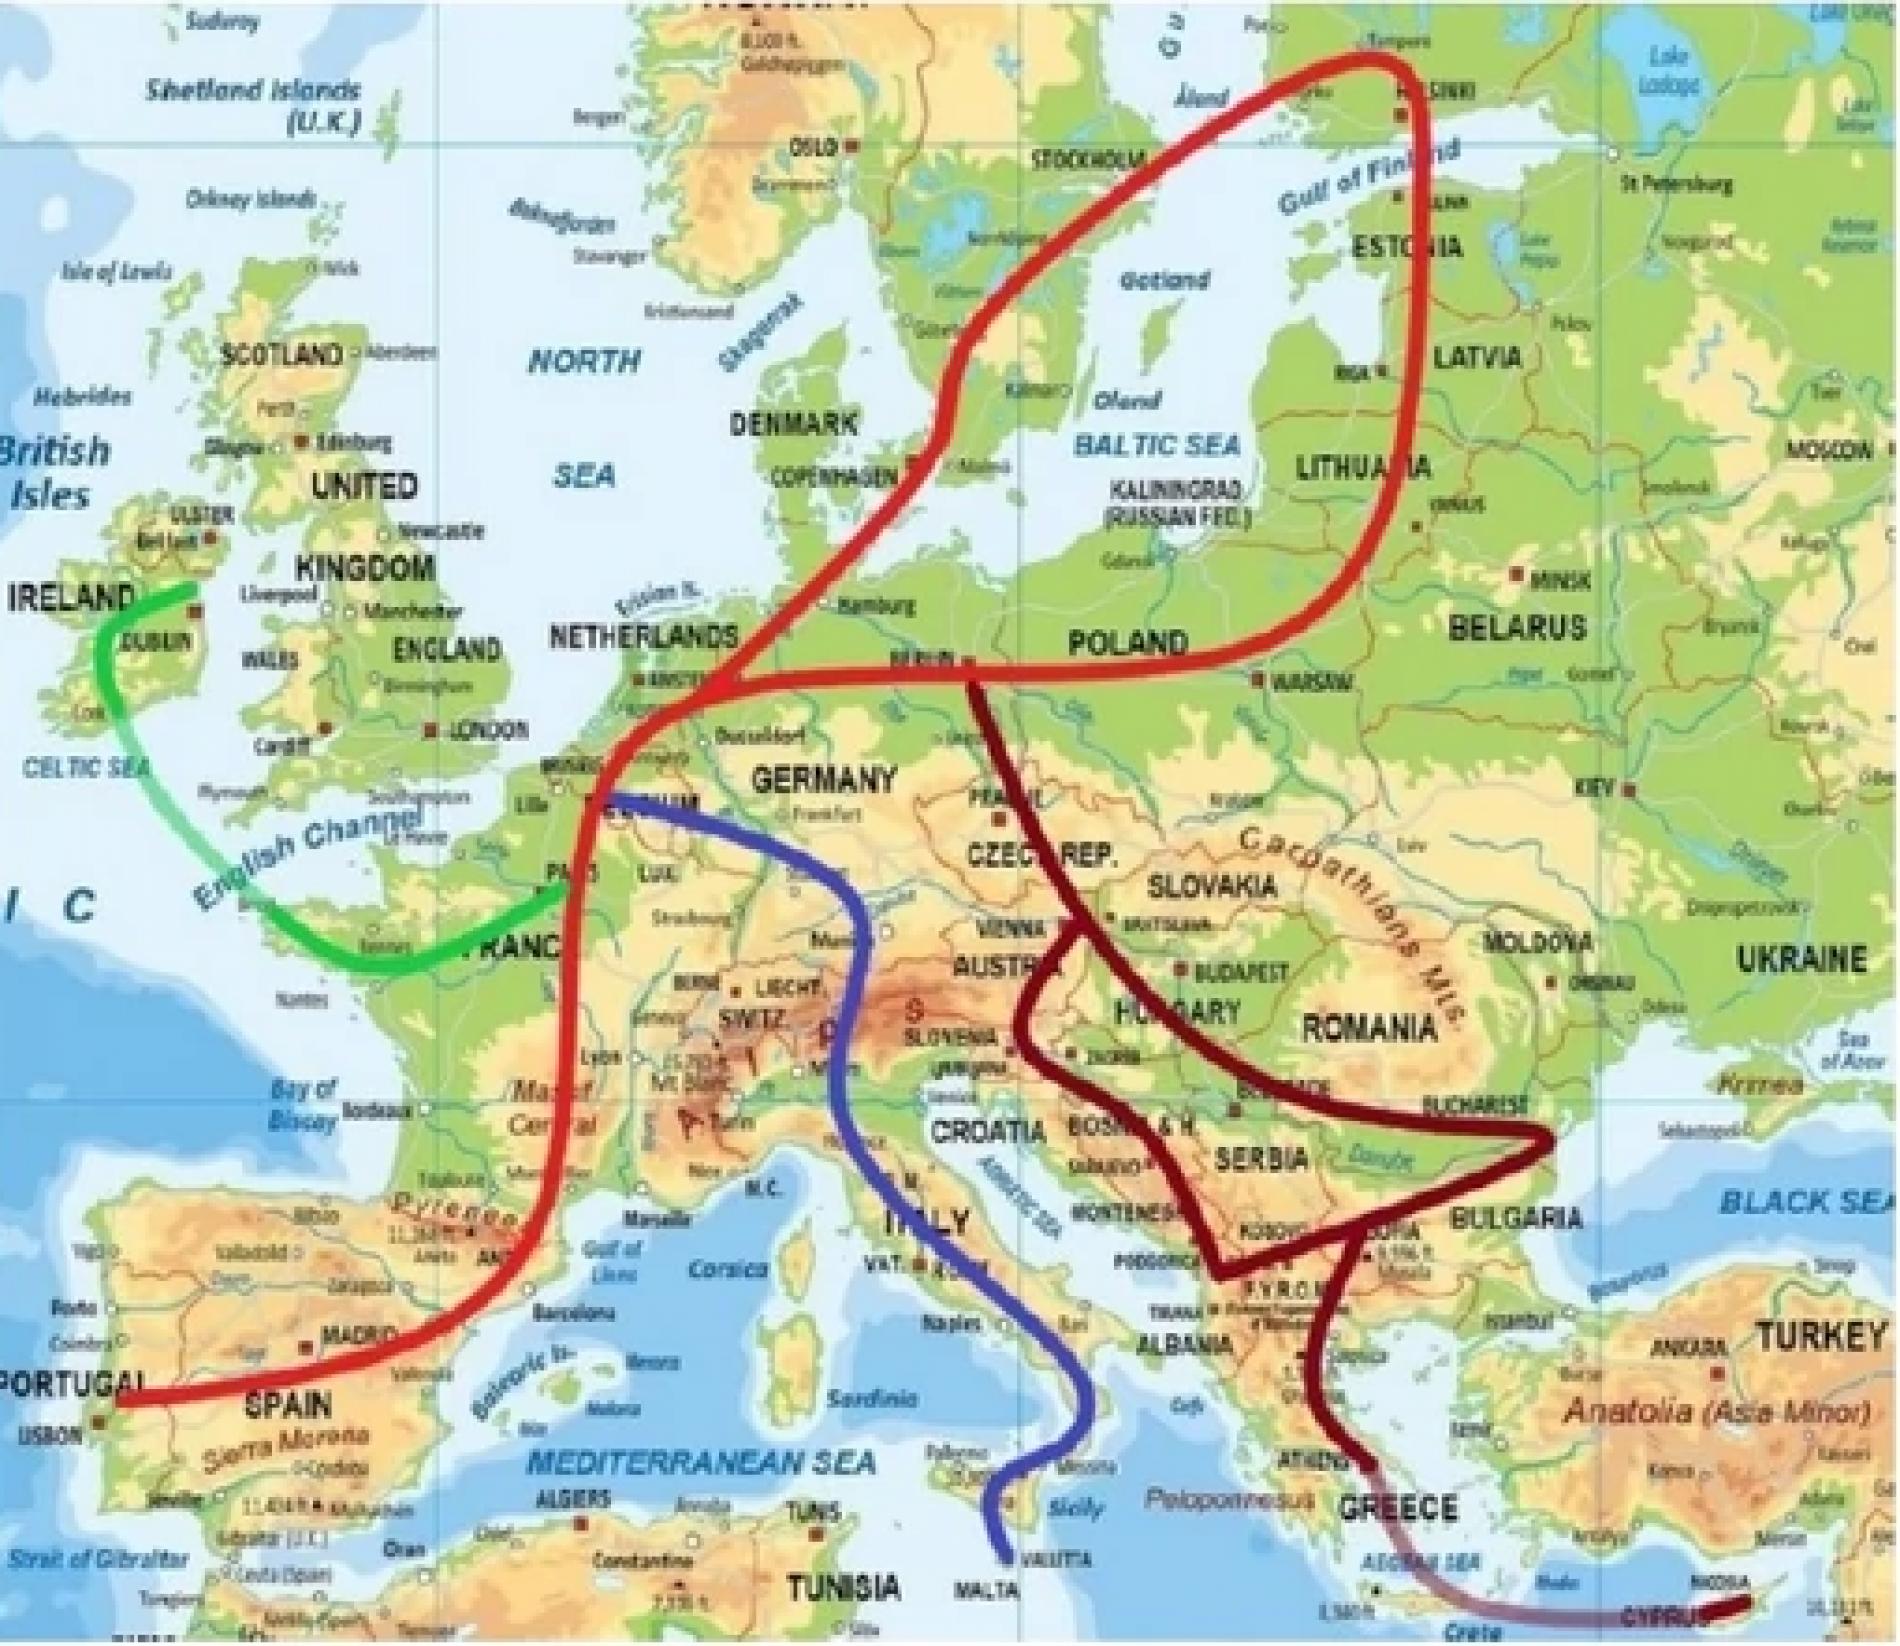 Ultra brzi vozovi mogli bi povezati cijelu Evropu; kroz Bosnu jedna od najdužih pruga